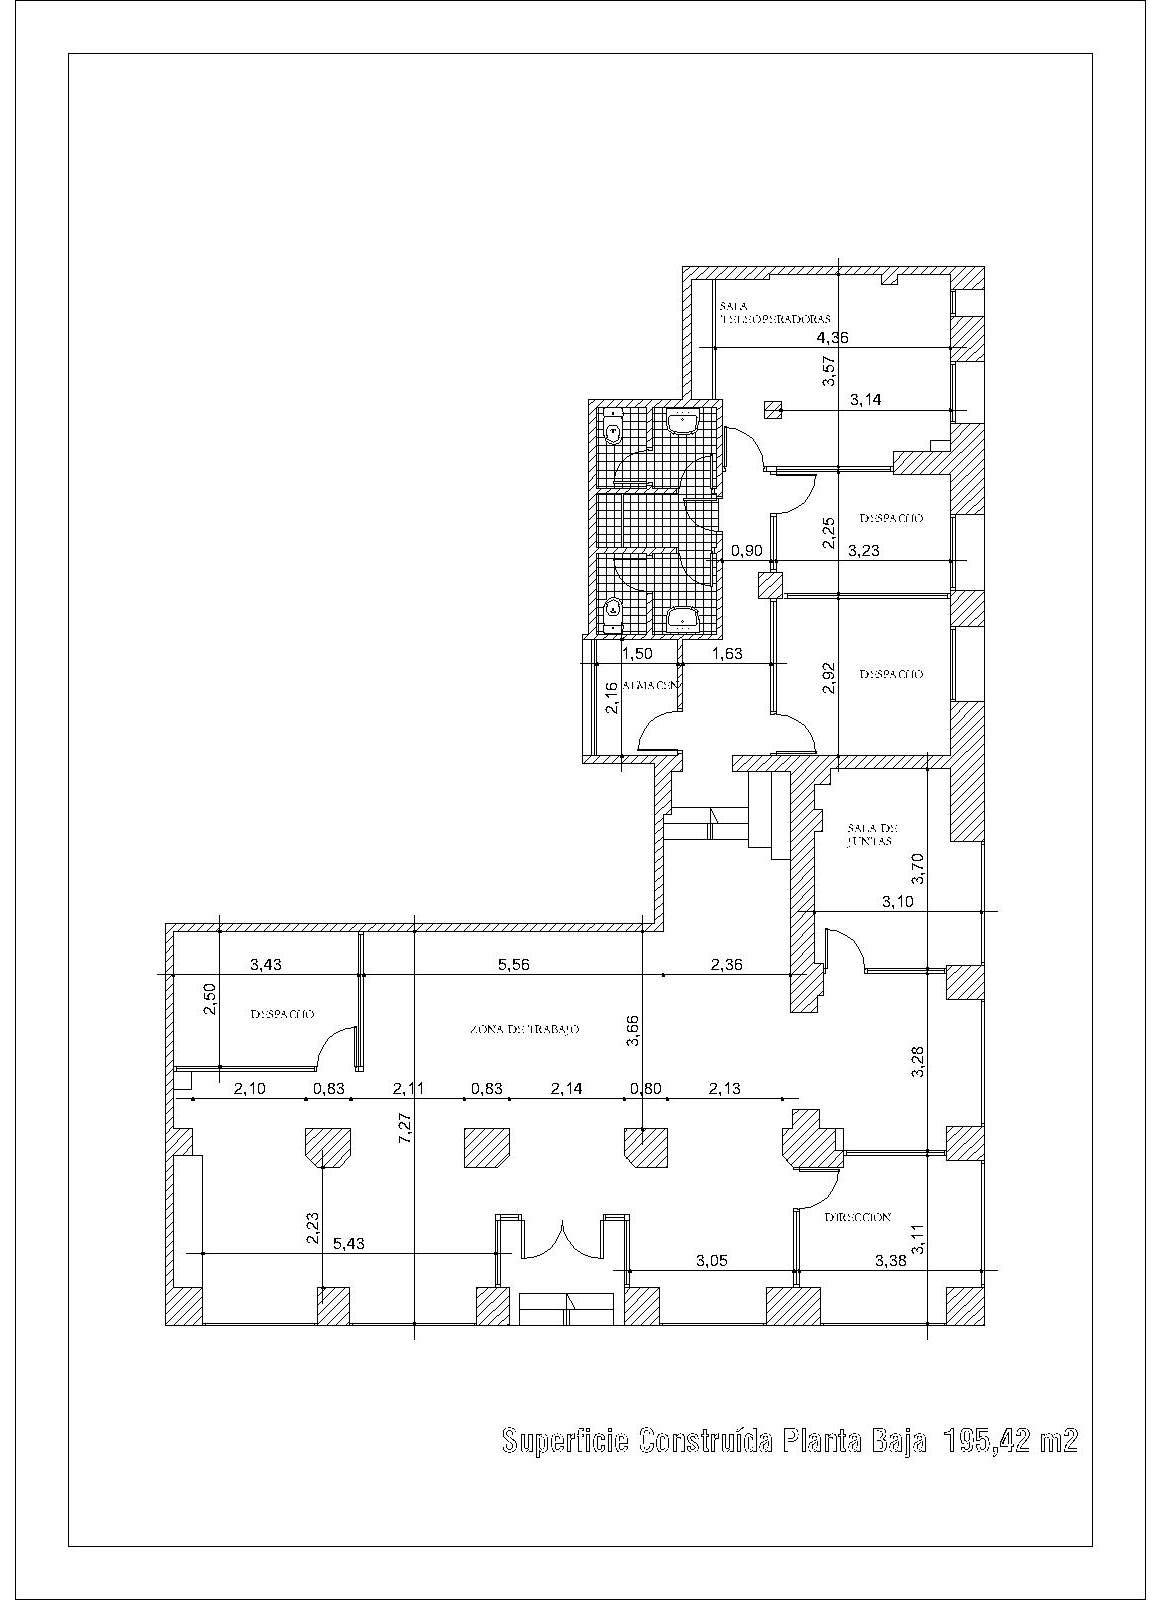 Albarquitectura valoraciones inmobiliarias ite for Planos de locales